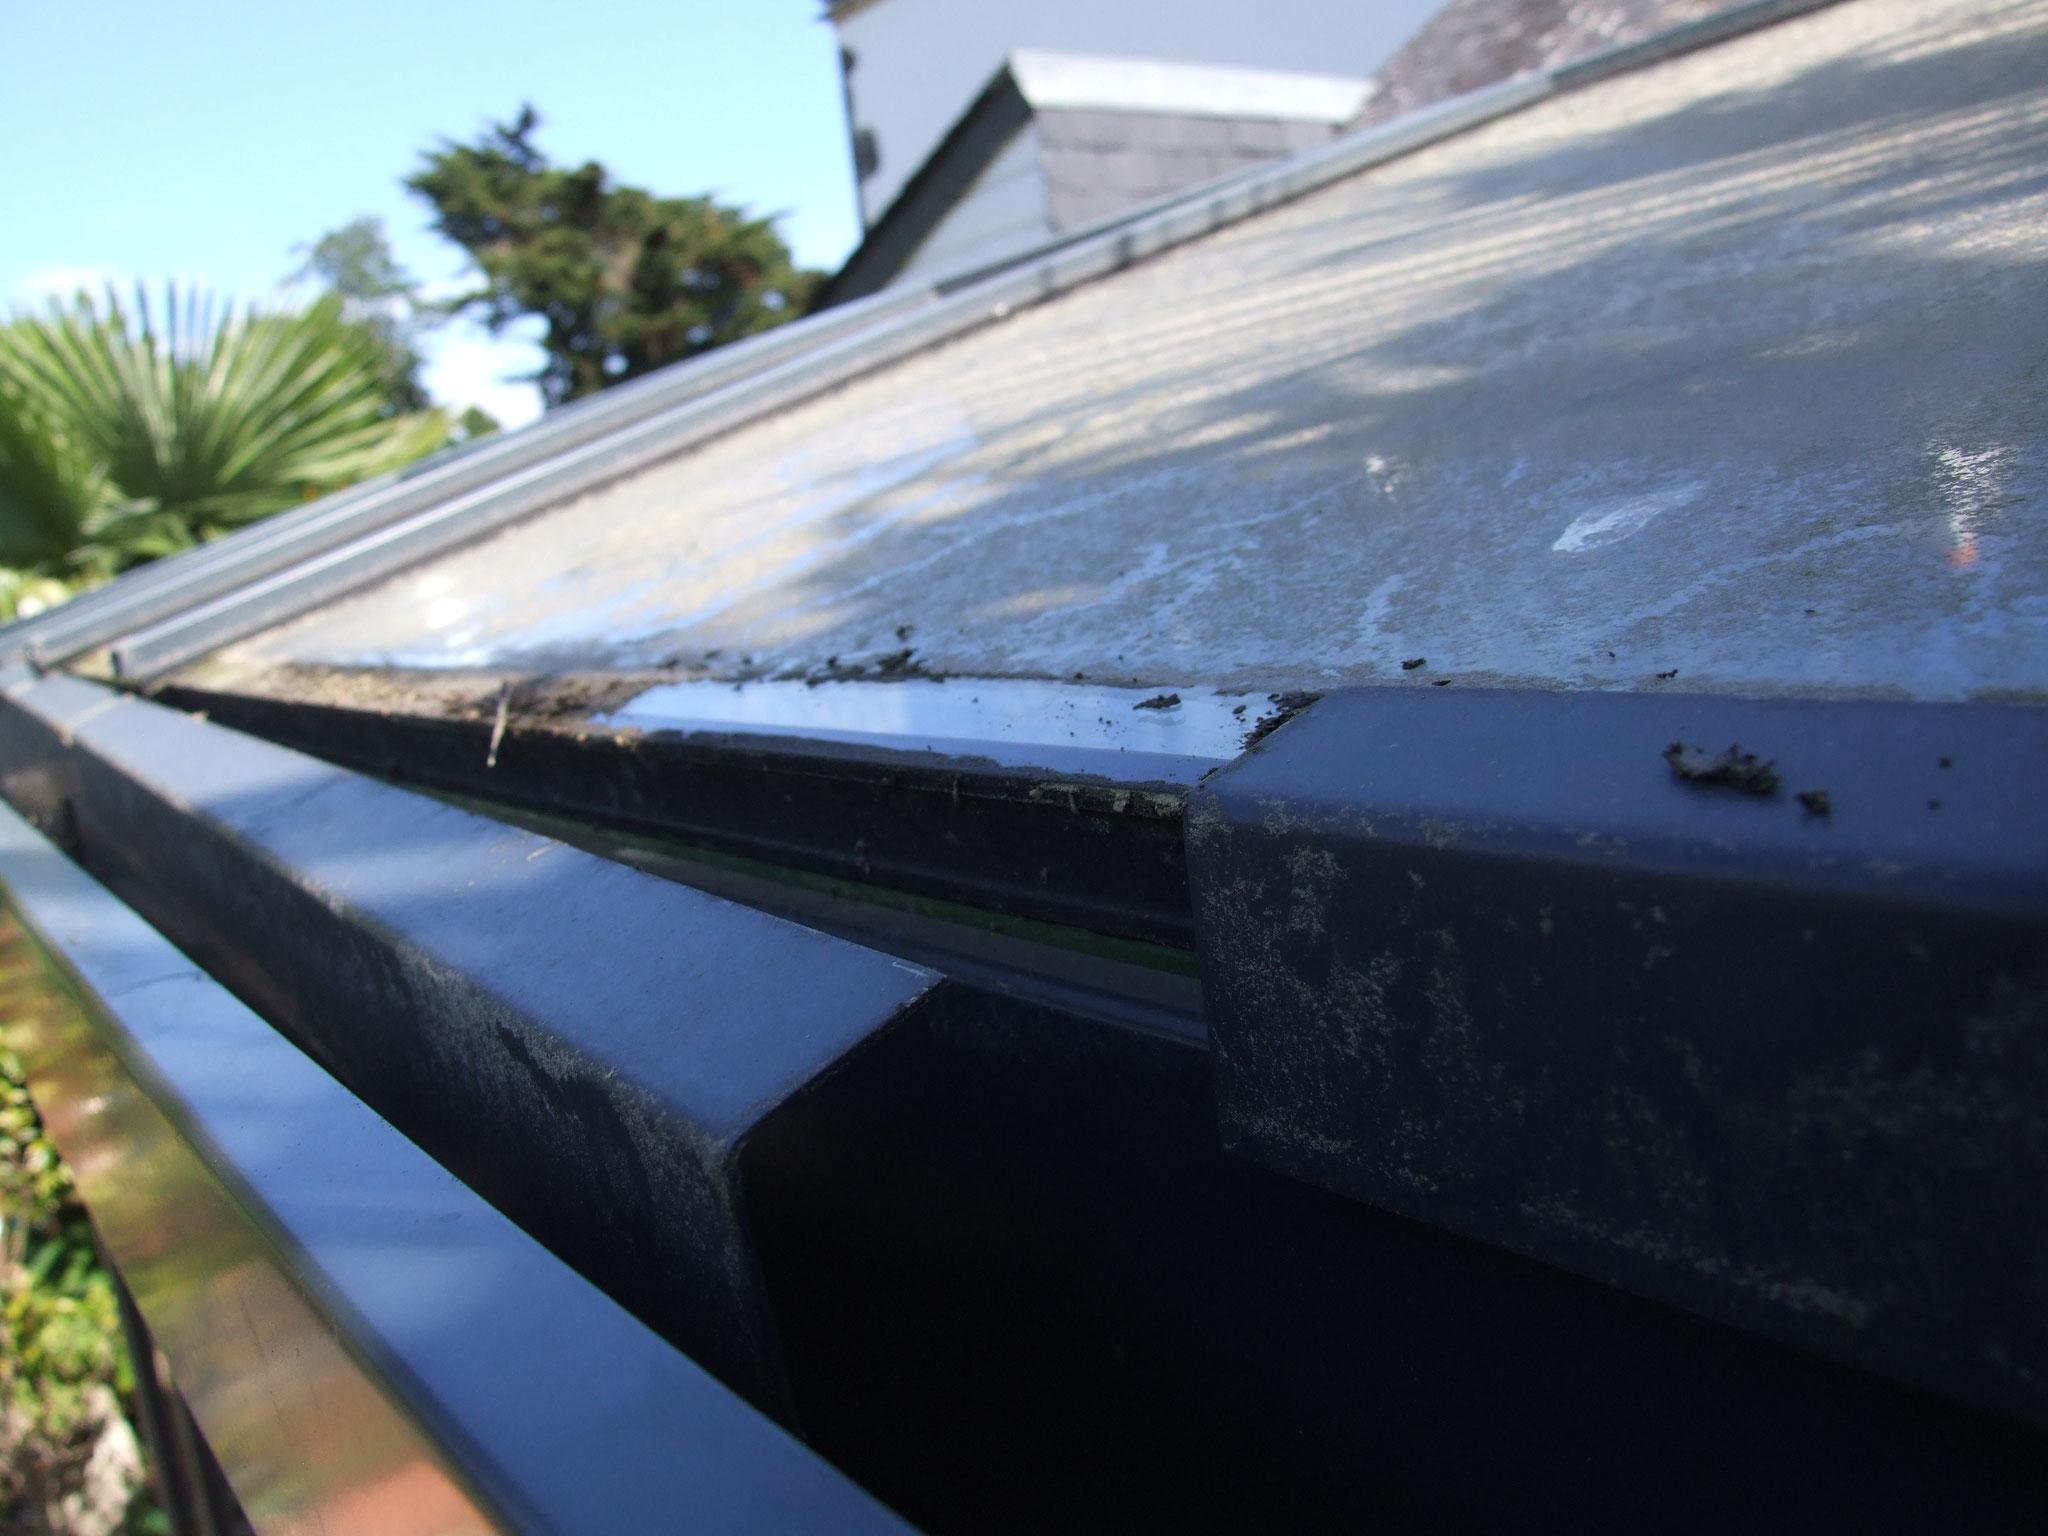 égout de verrière du toit : étanchéité inexistante